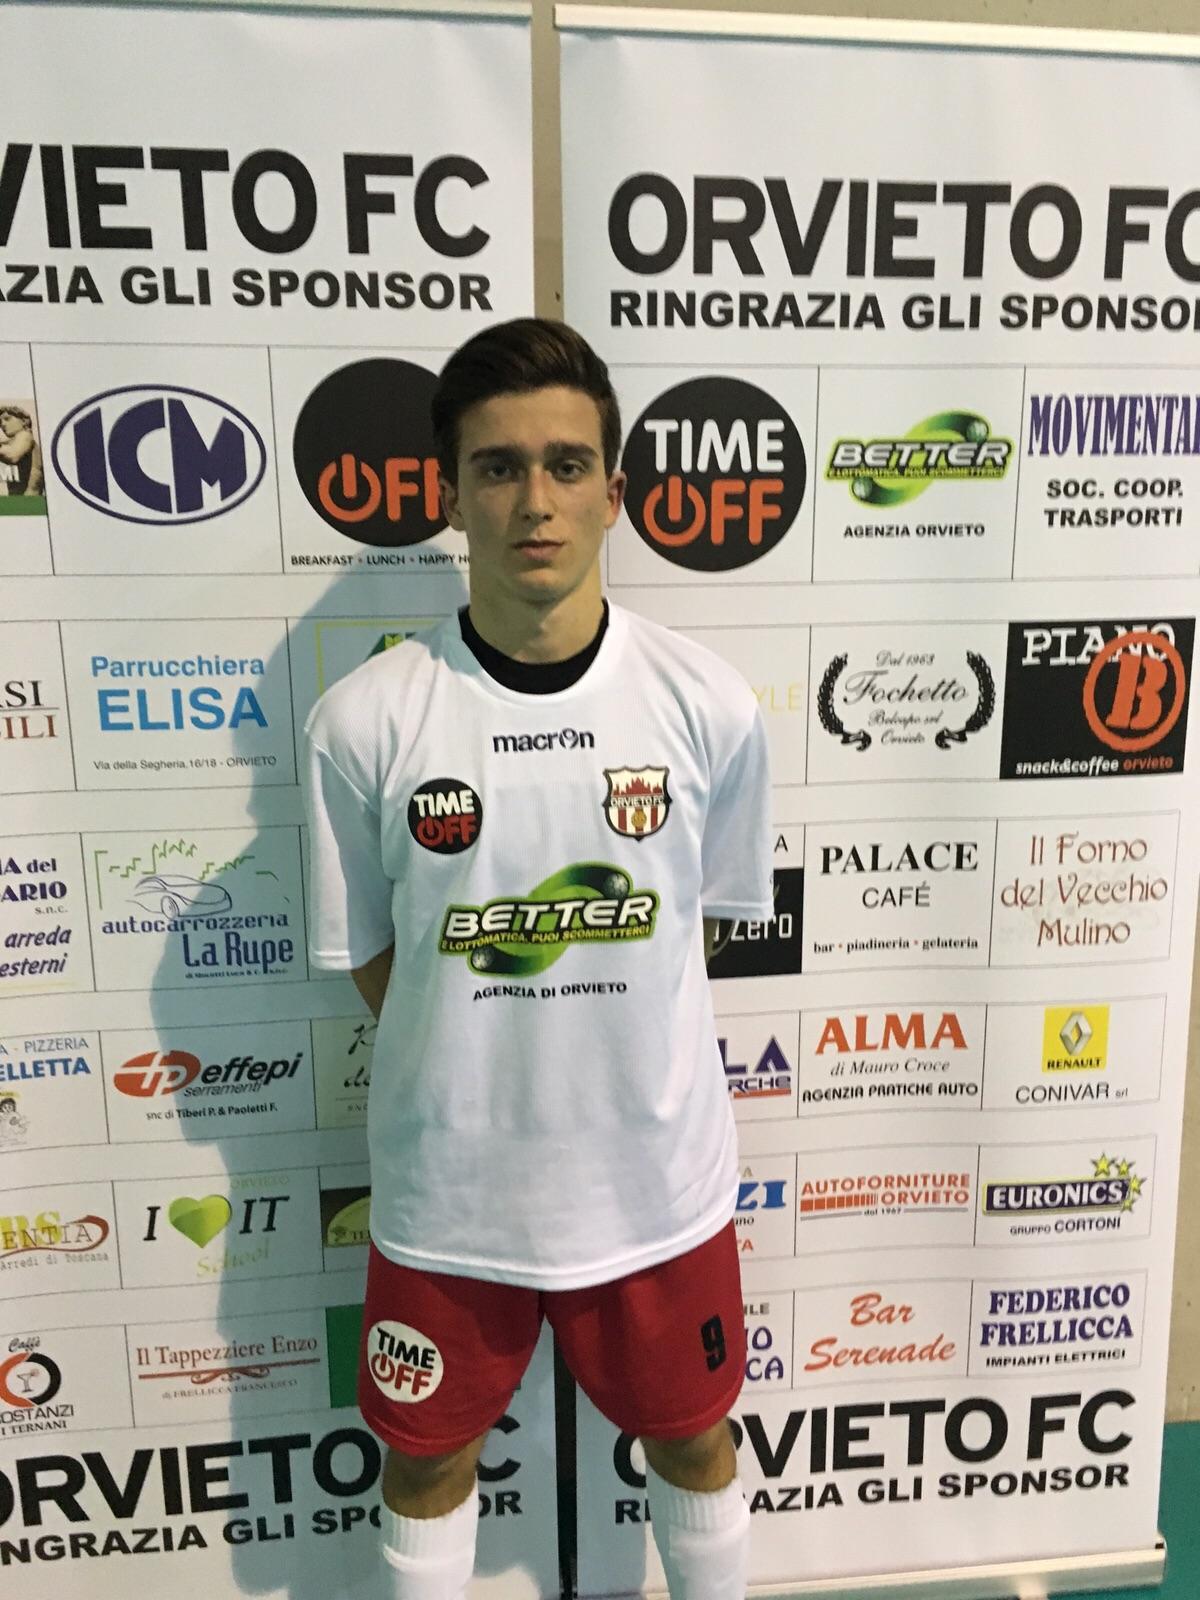 Orvieto FC ok: asfaltato il Chico Mendes